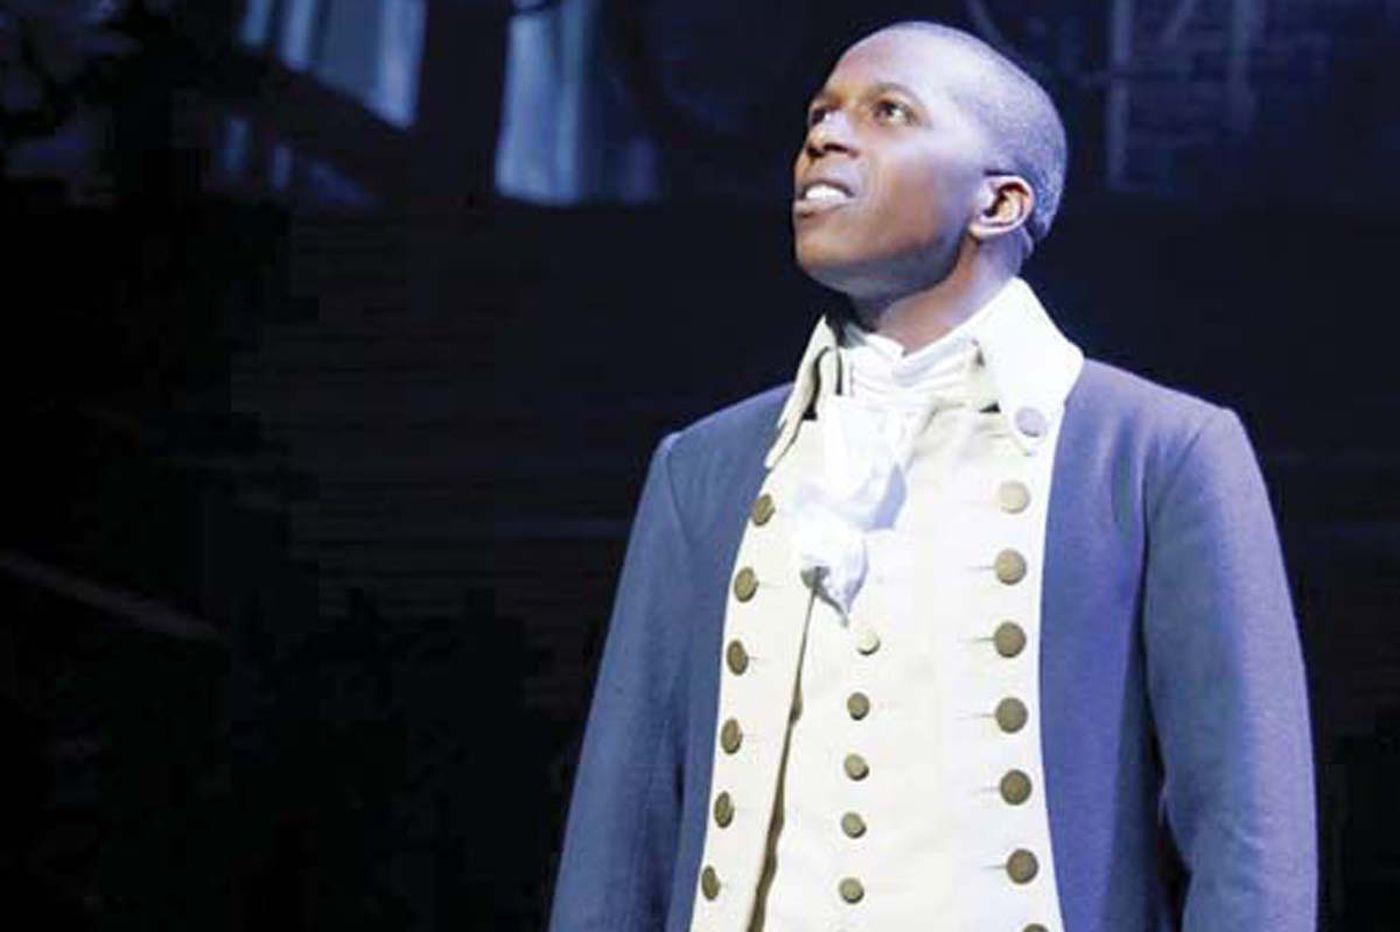 Philadanco is bringing back Leslie Odom Jr. of 'Hamilton' fame for alumni performance